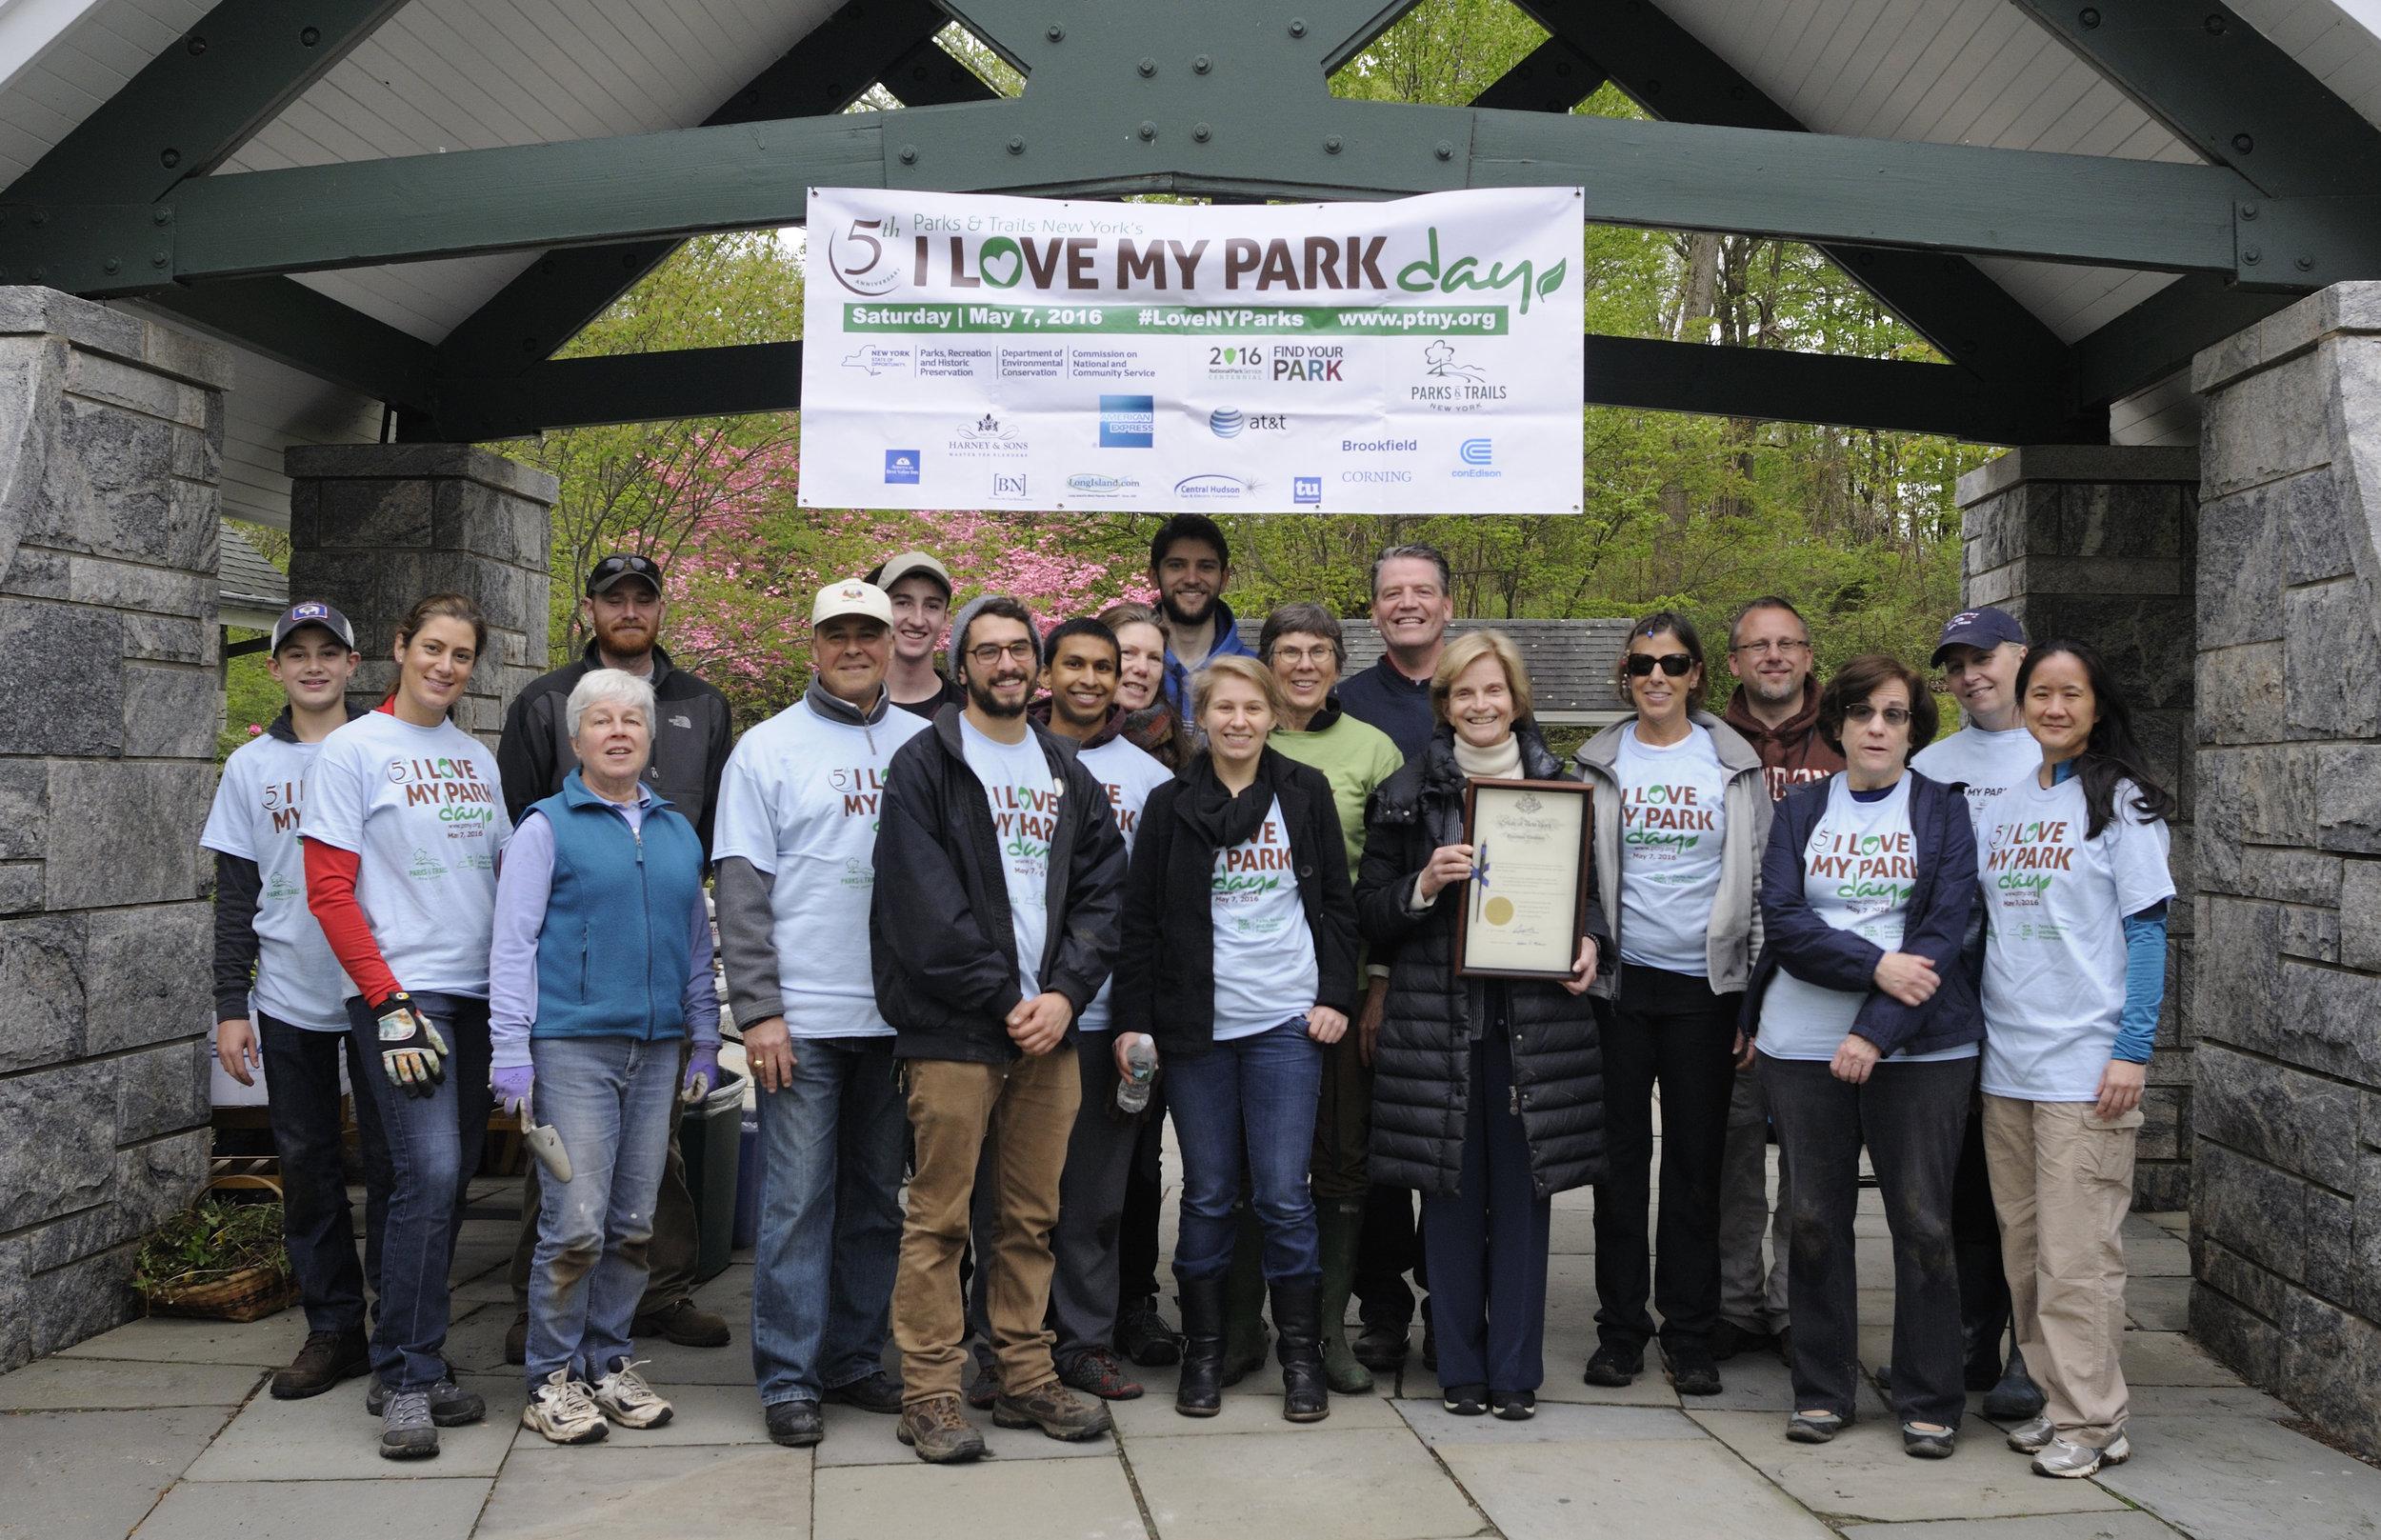 I Love My Park Day - May 4, 2019